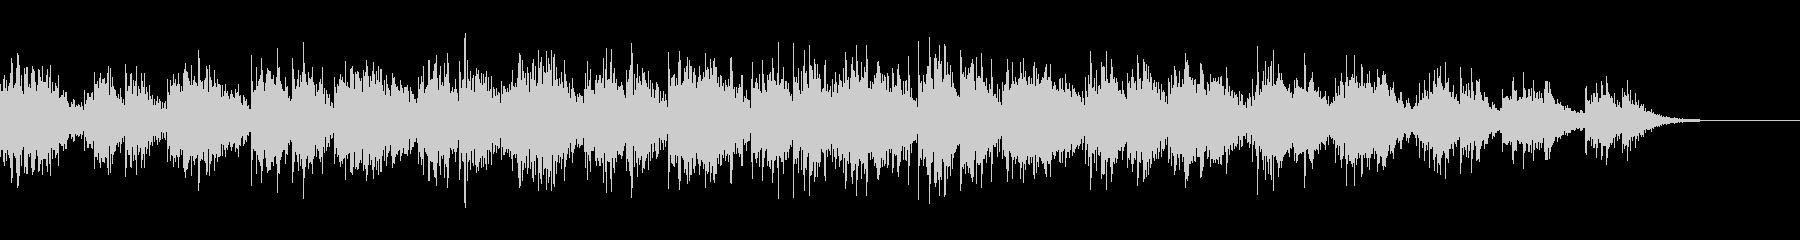 多くの企業の状況での理想的な音楽(...の未再生の波形